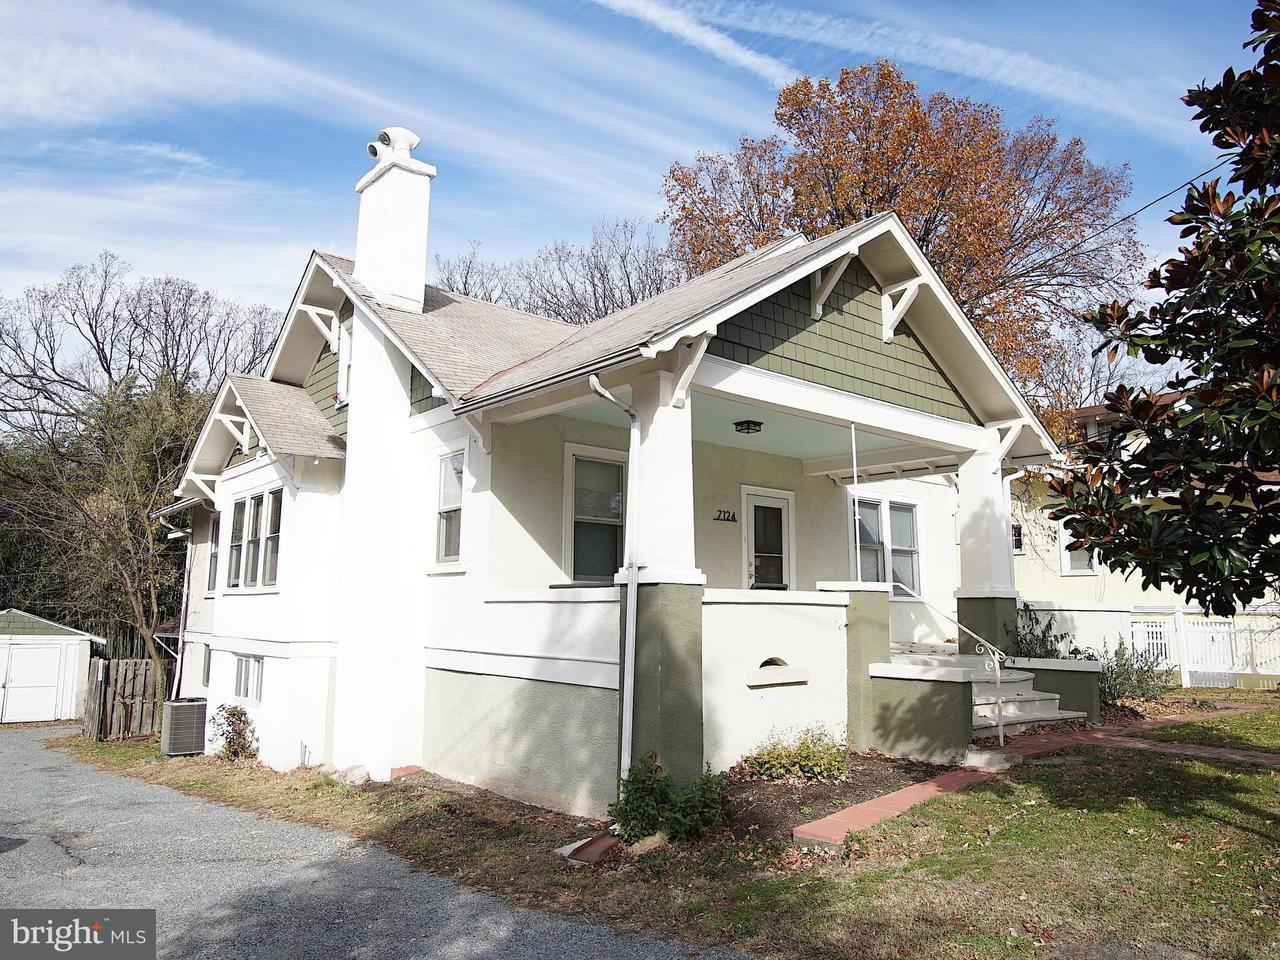 多戶家庭房屋 為 出售 在 7124 Carroll Avenue 7124 Carroll Avenue Takoma Park, 馬里蘭州 20912 美國